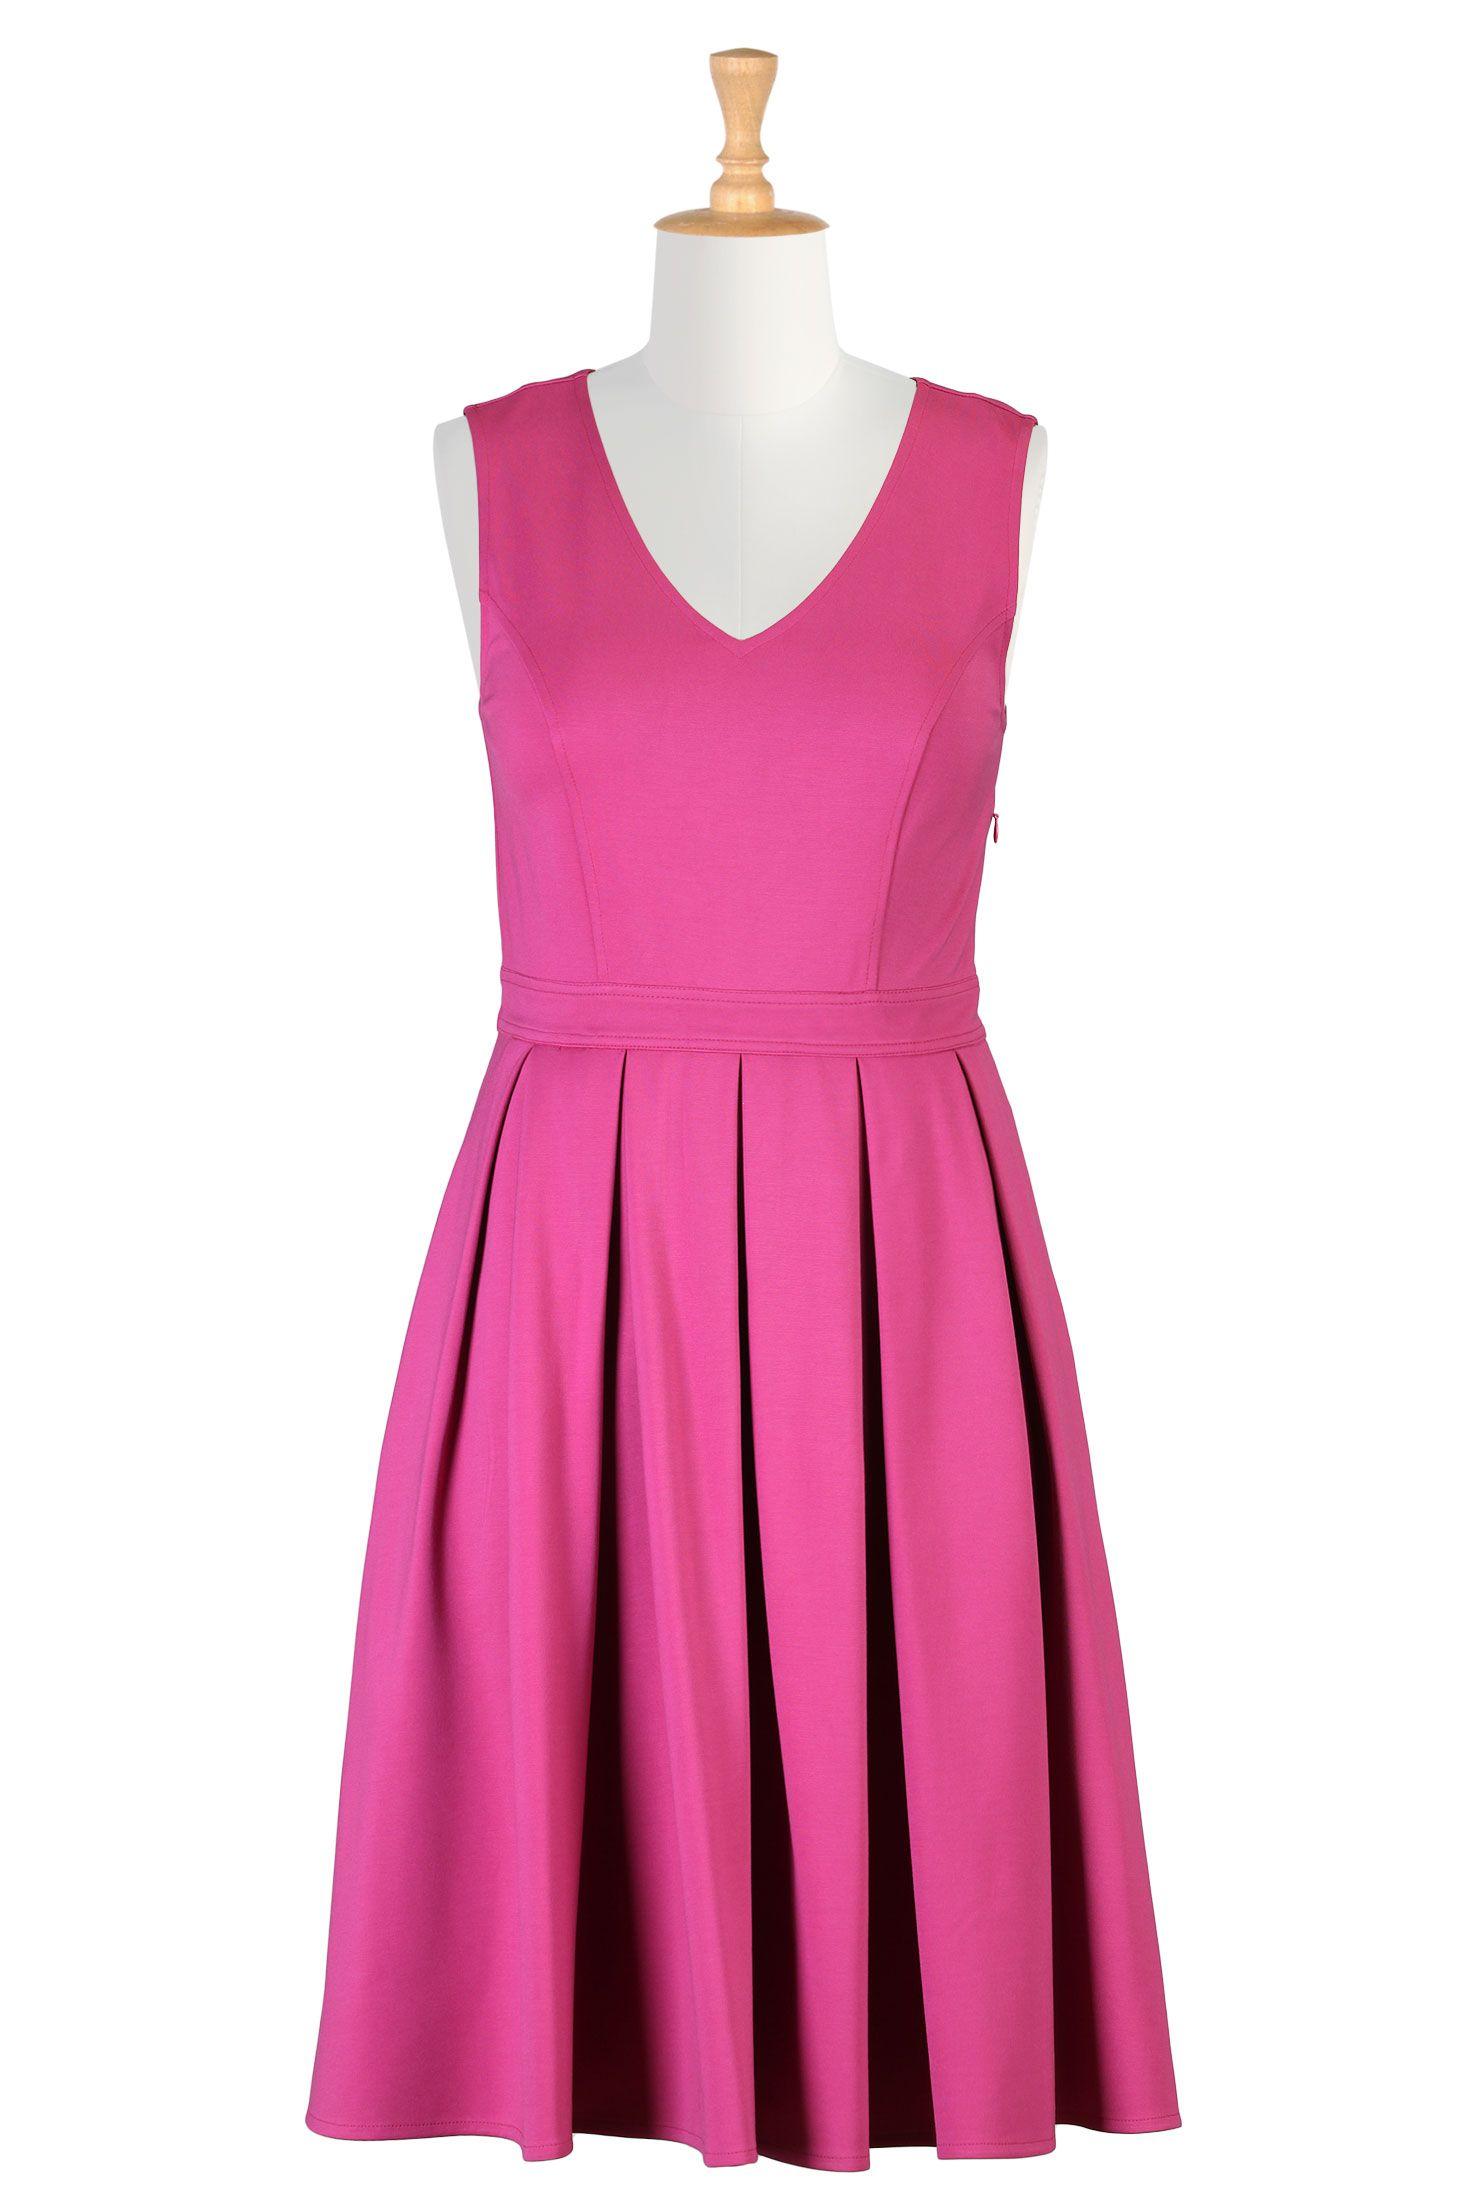 Hot Pink Ponte Knit Dresses, Fit-And-Flare Dresses Shop women's designer fashion - Empire Waist Dresses - Empire Dresses | Women's Clothing at eShakti.com - | eShakti.com